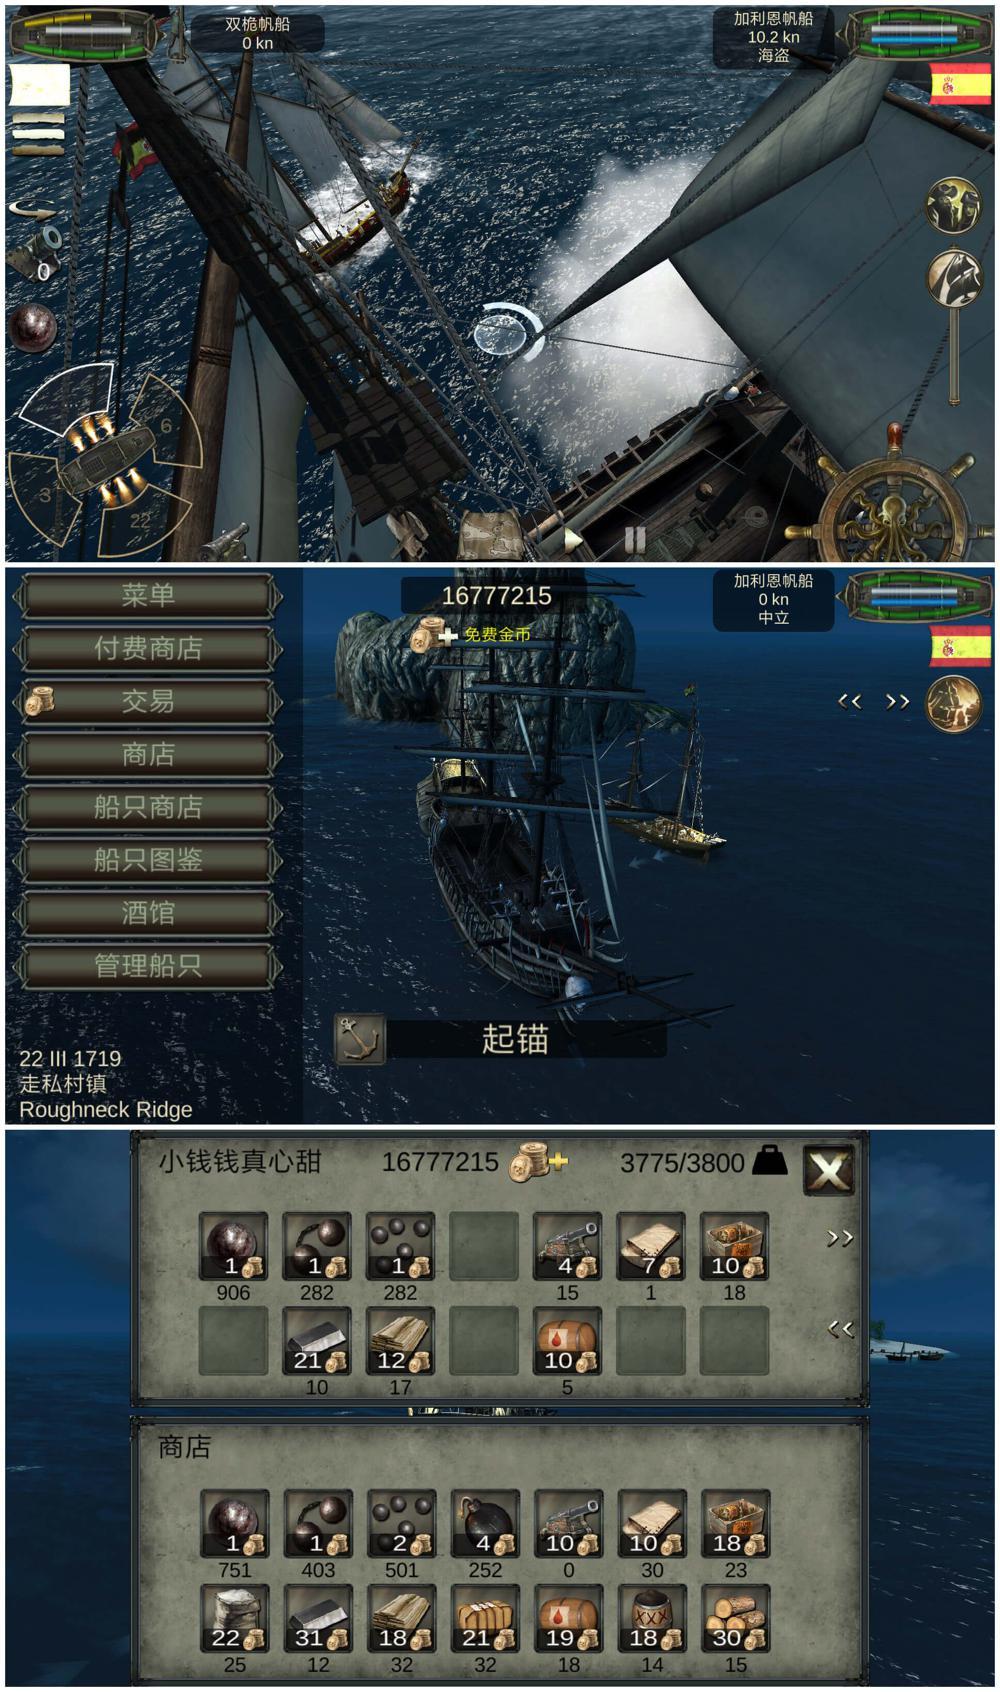 沙盒游戏 海盗:死亡瘟疫